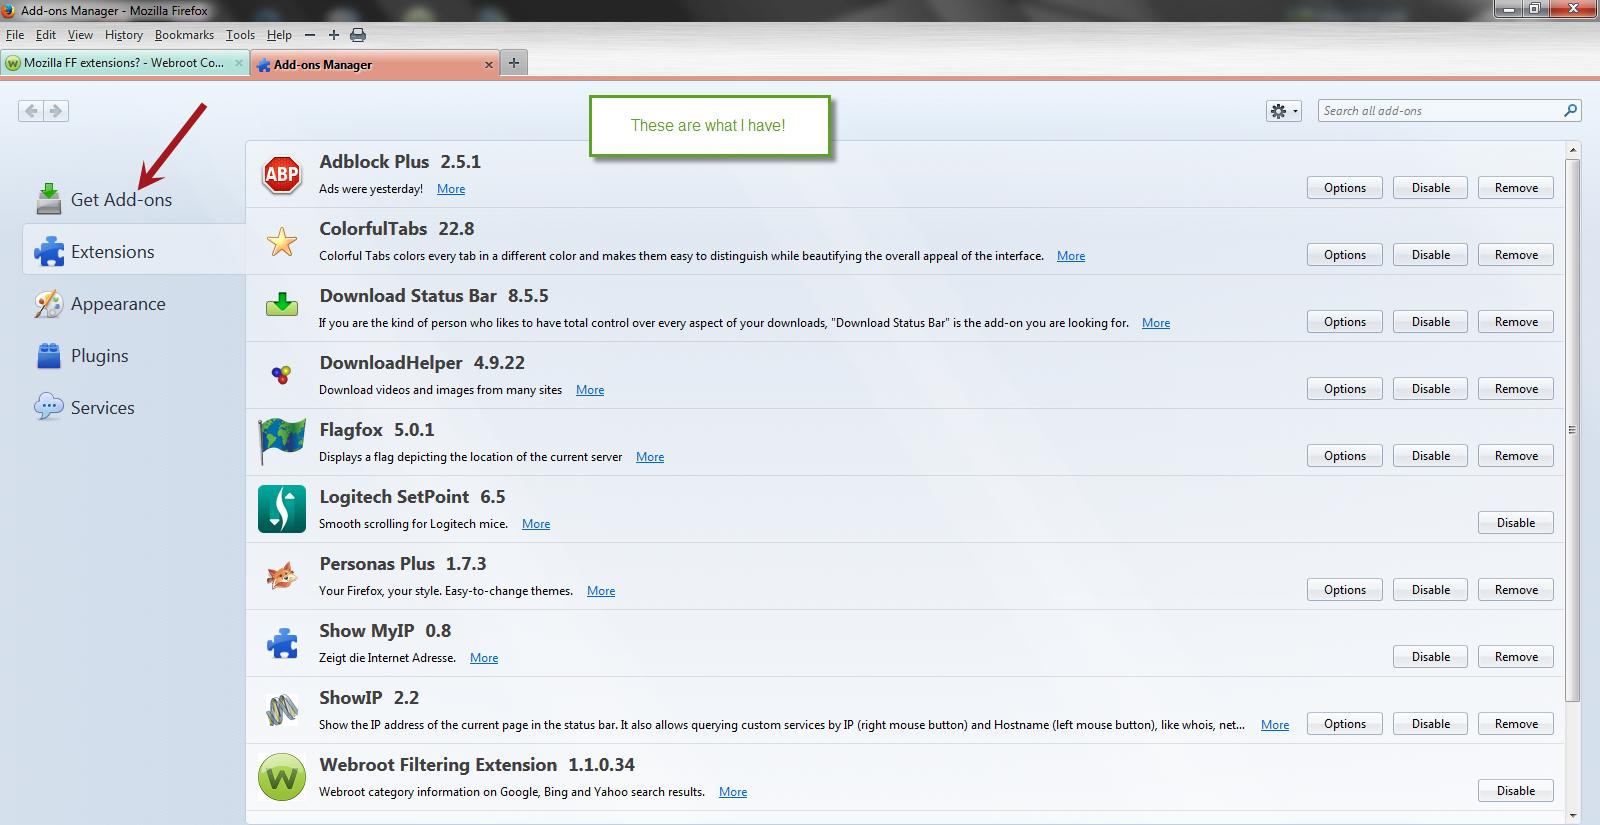 Mozilla FF extensions? | Webroot Community